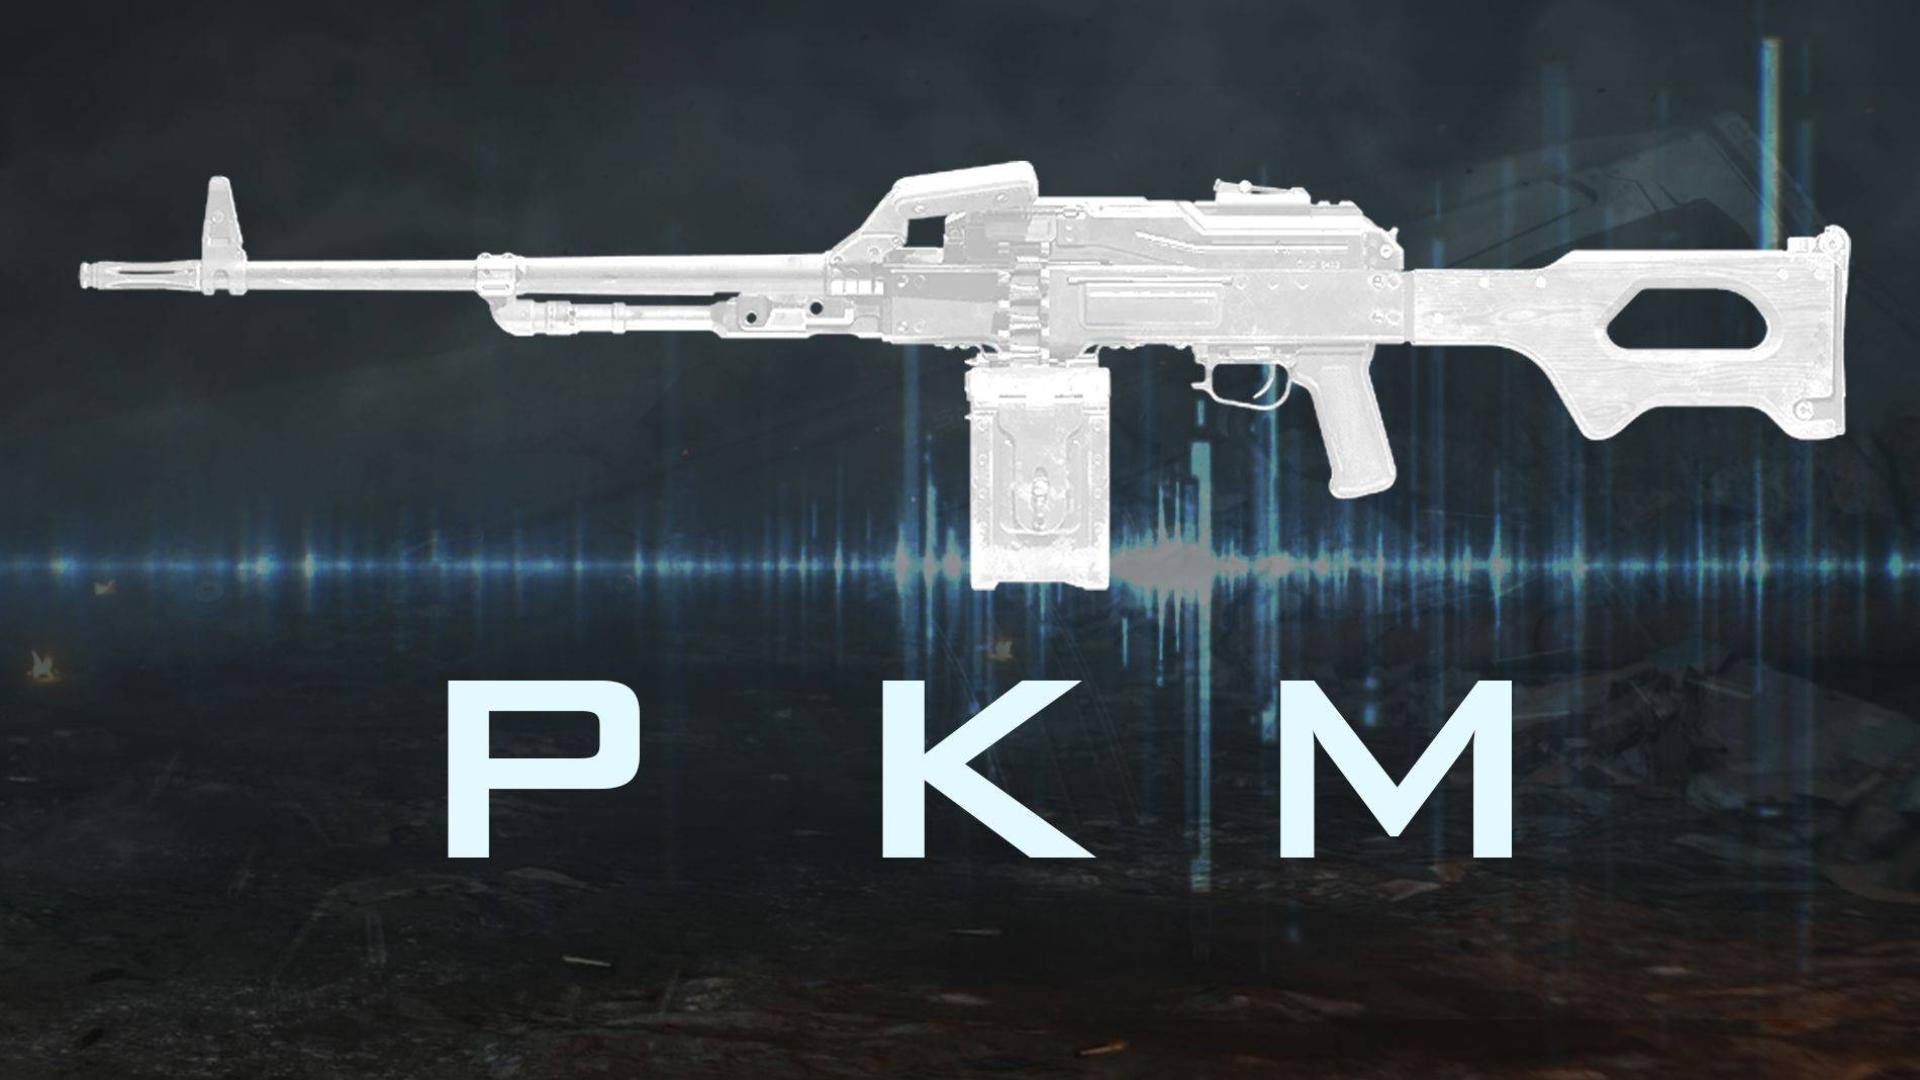 坚实可靠 PKM 轻机枪『现代战争武器指南』VOL.07